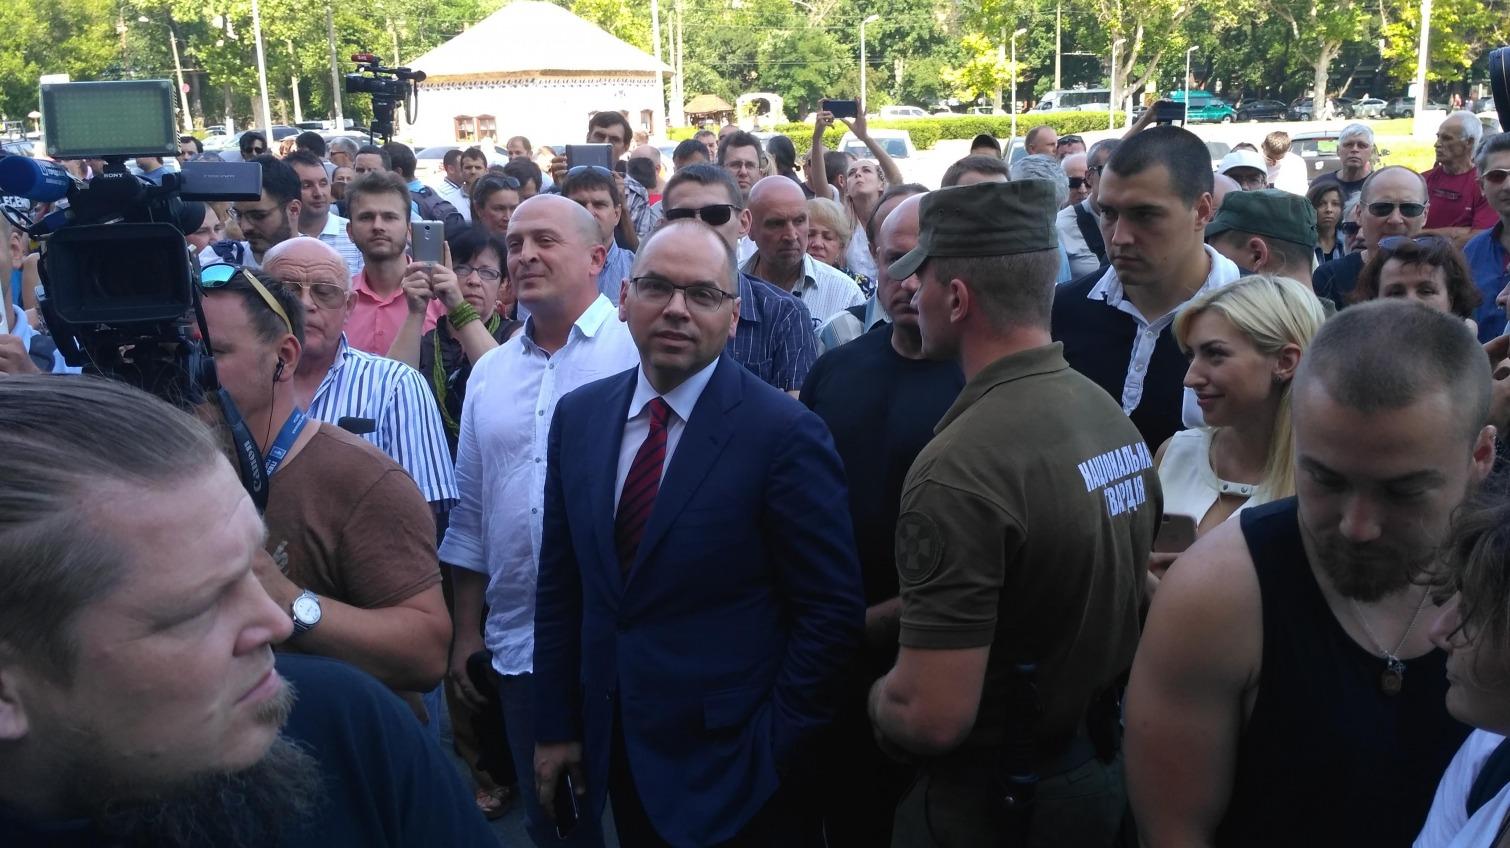 Губернатор Степанов вышел к протестующим активистам: участники митинга требуют его отставки (фото) «фото»